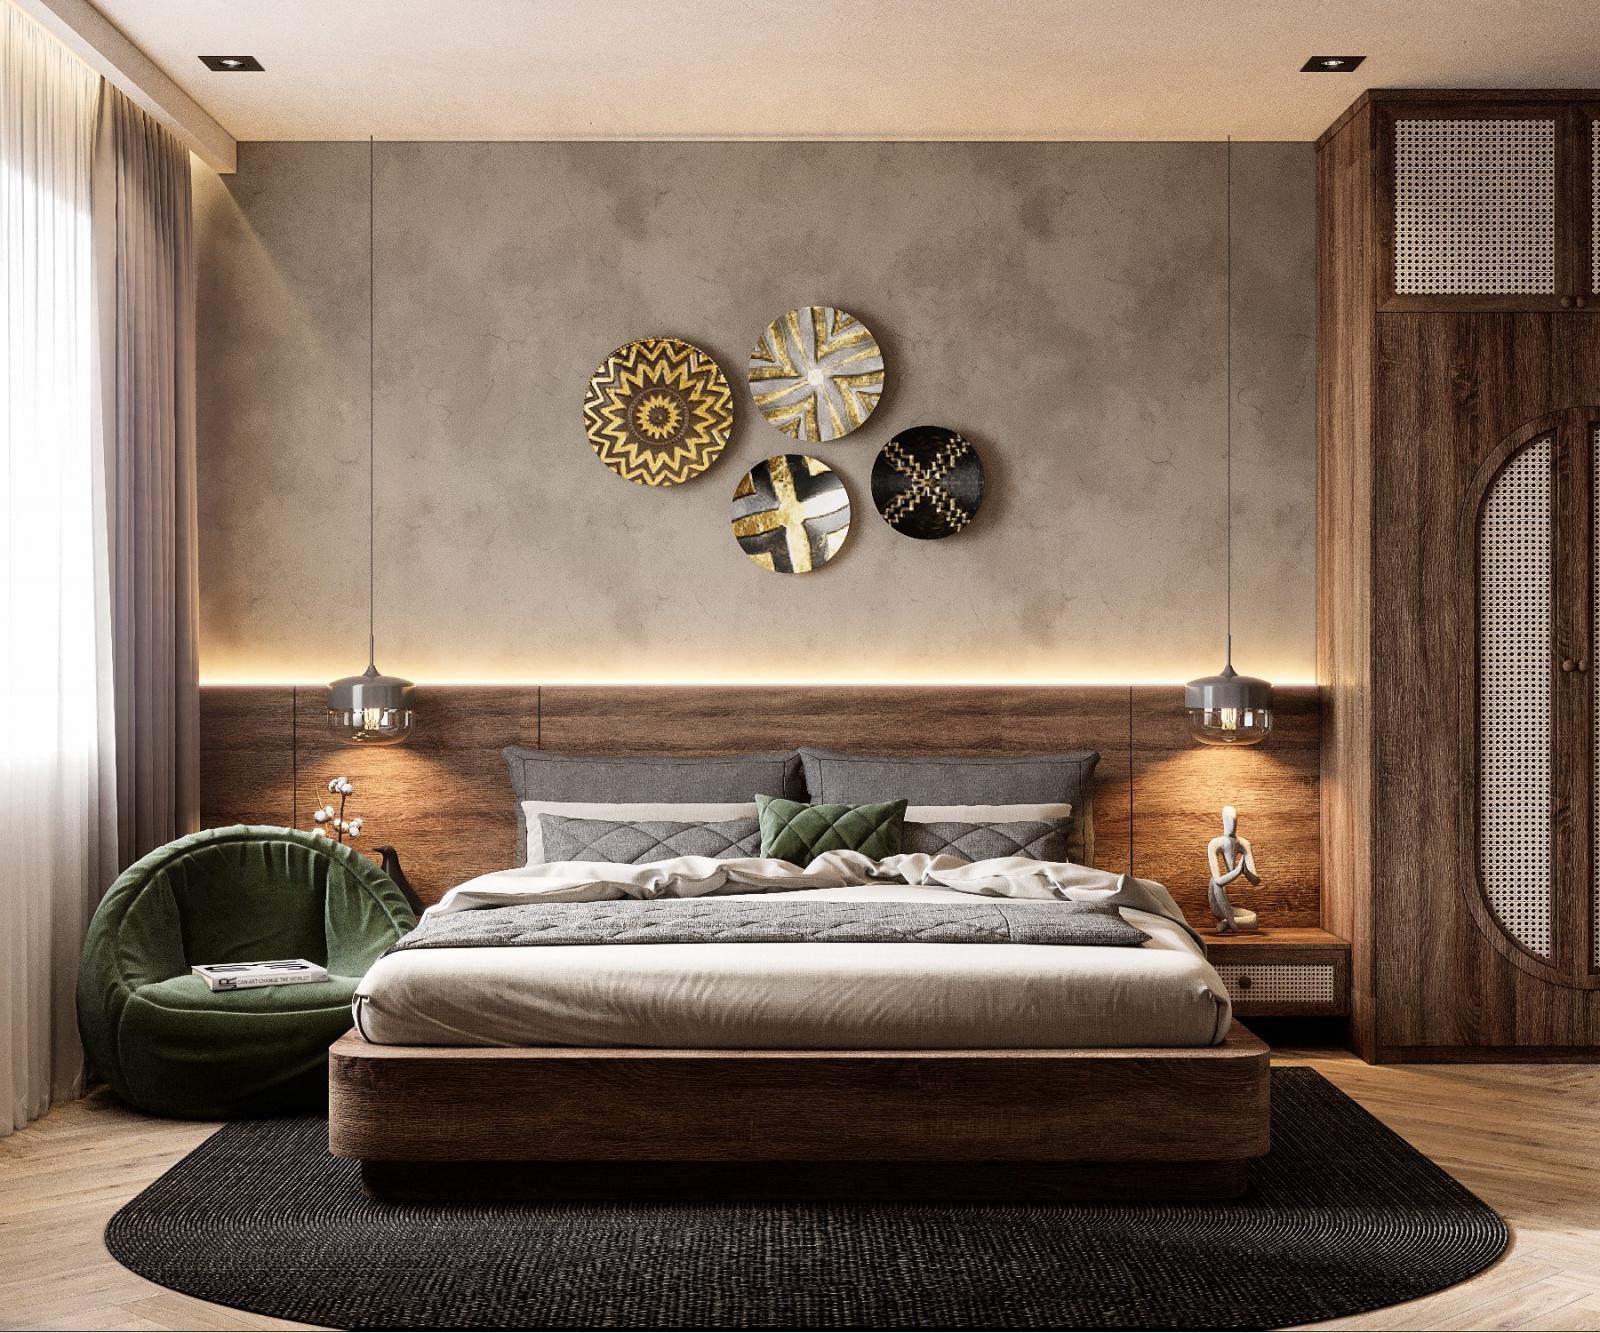 Phòng ngủ master phong cách chiết trung đơn giản, mộc mạc mang lại cho người dùng cảm giác thư giãn tối đa.